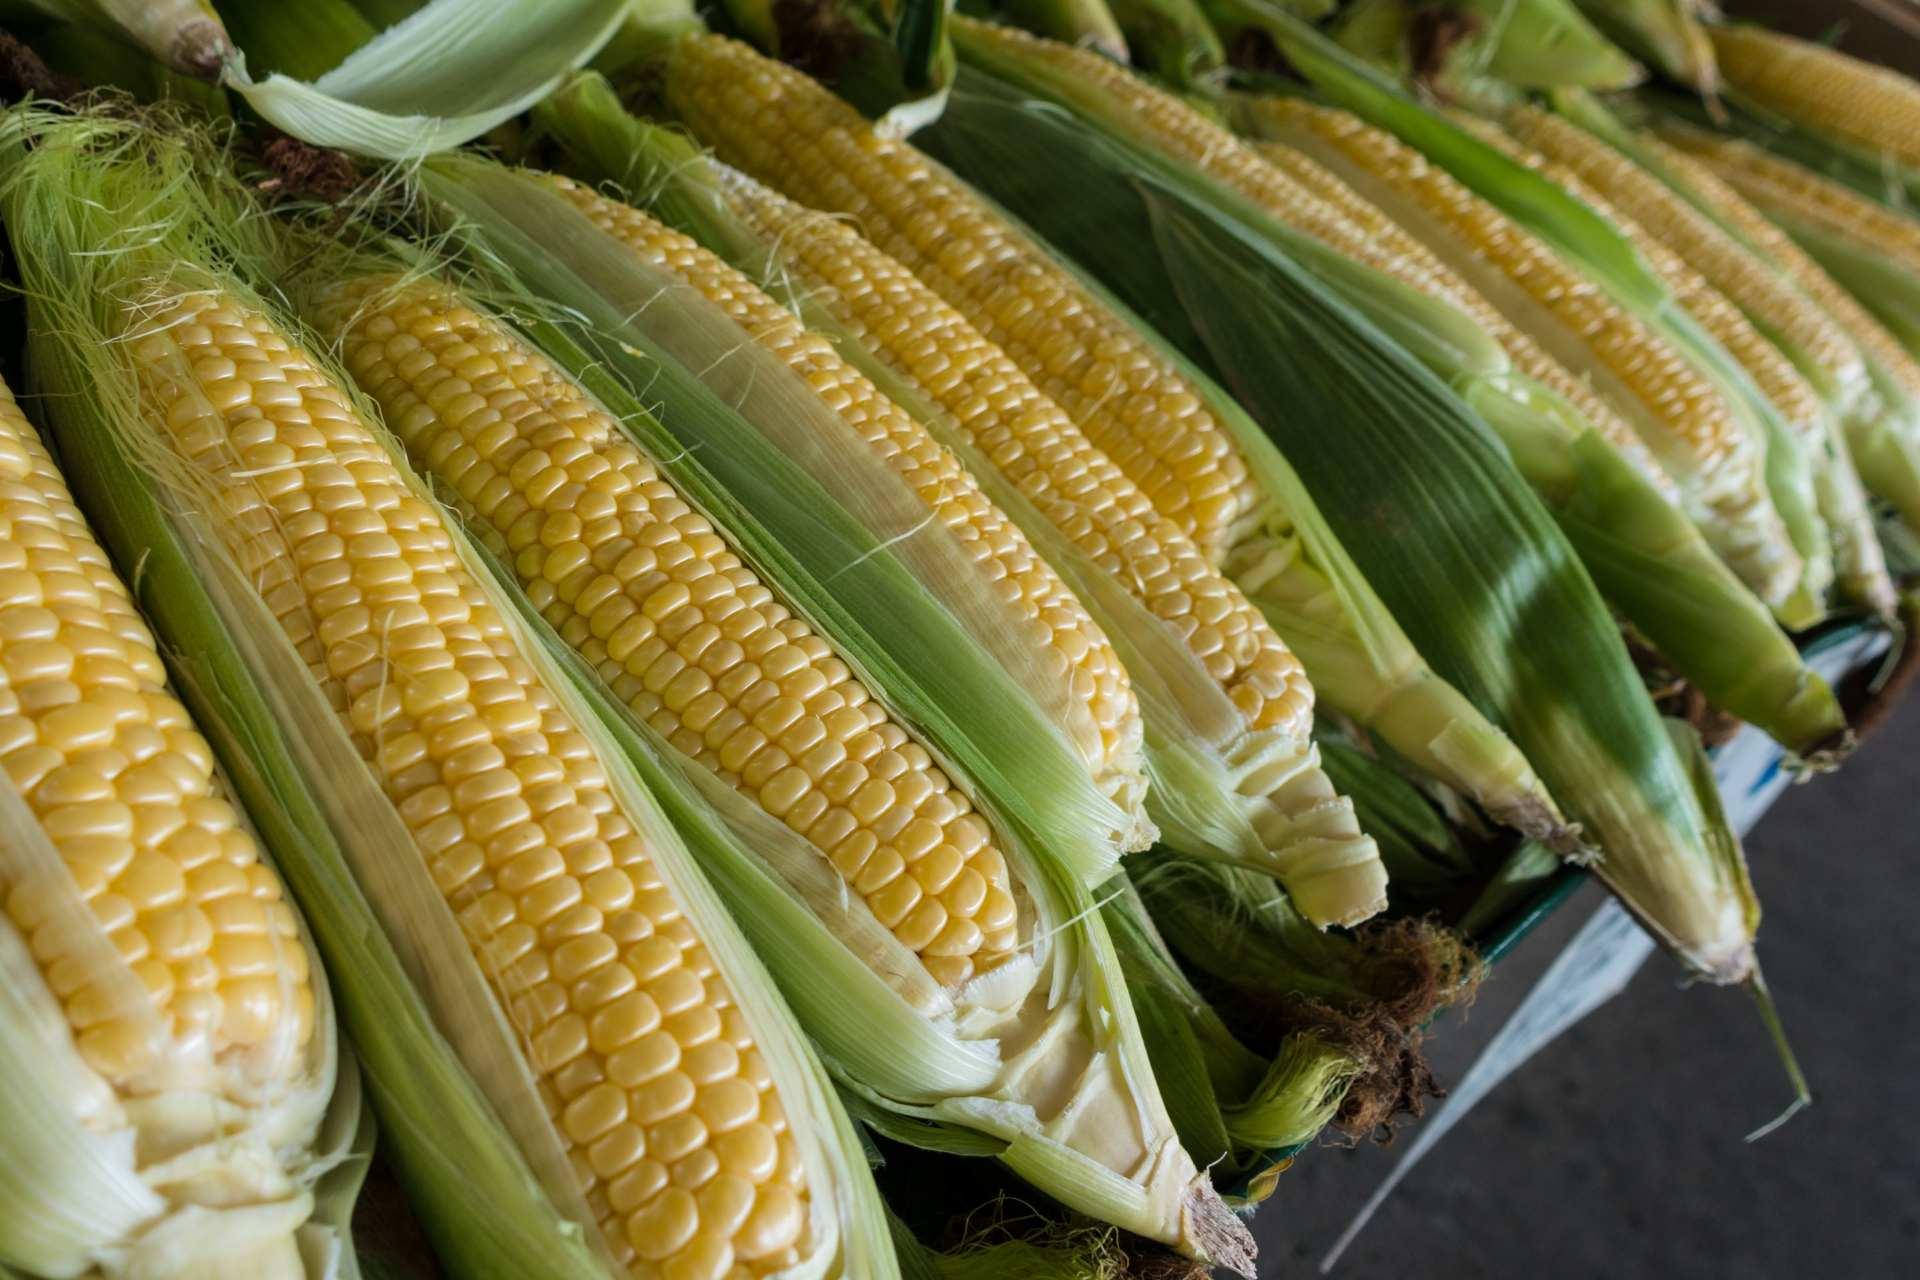 Corn Next